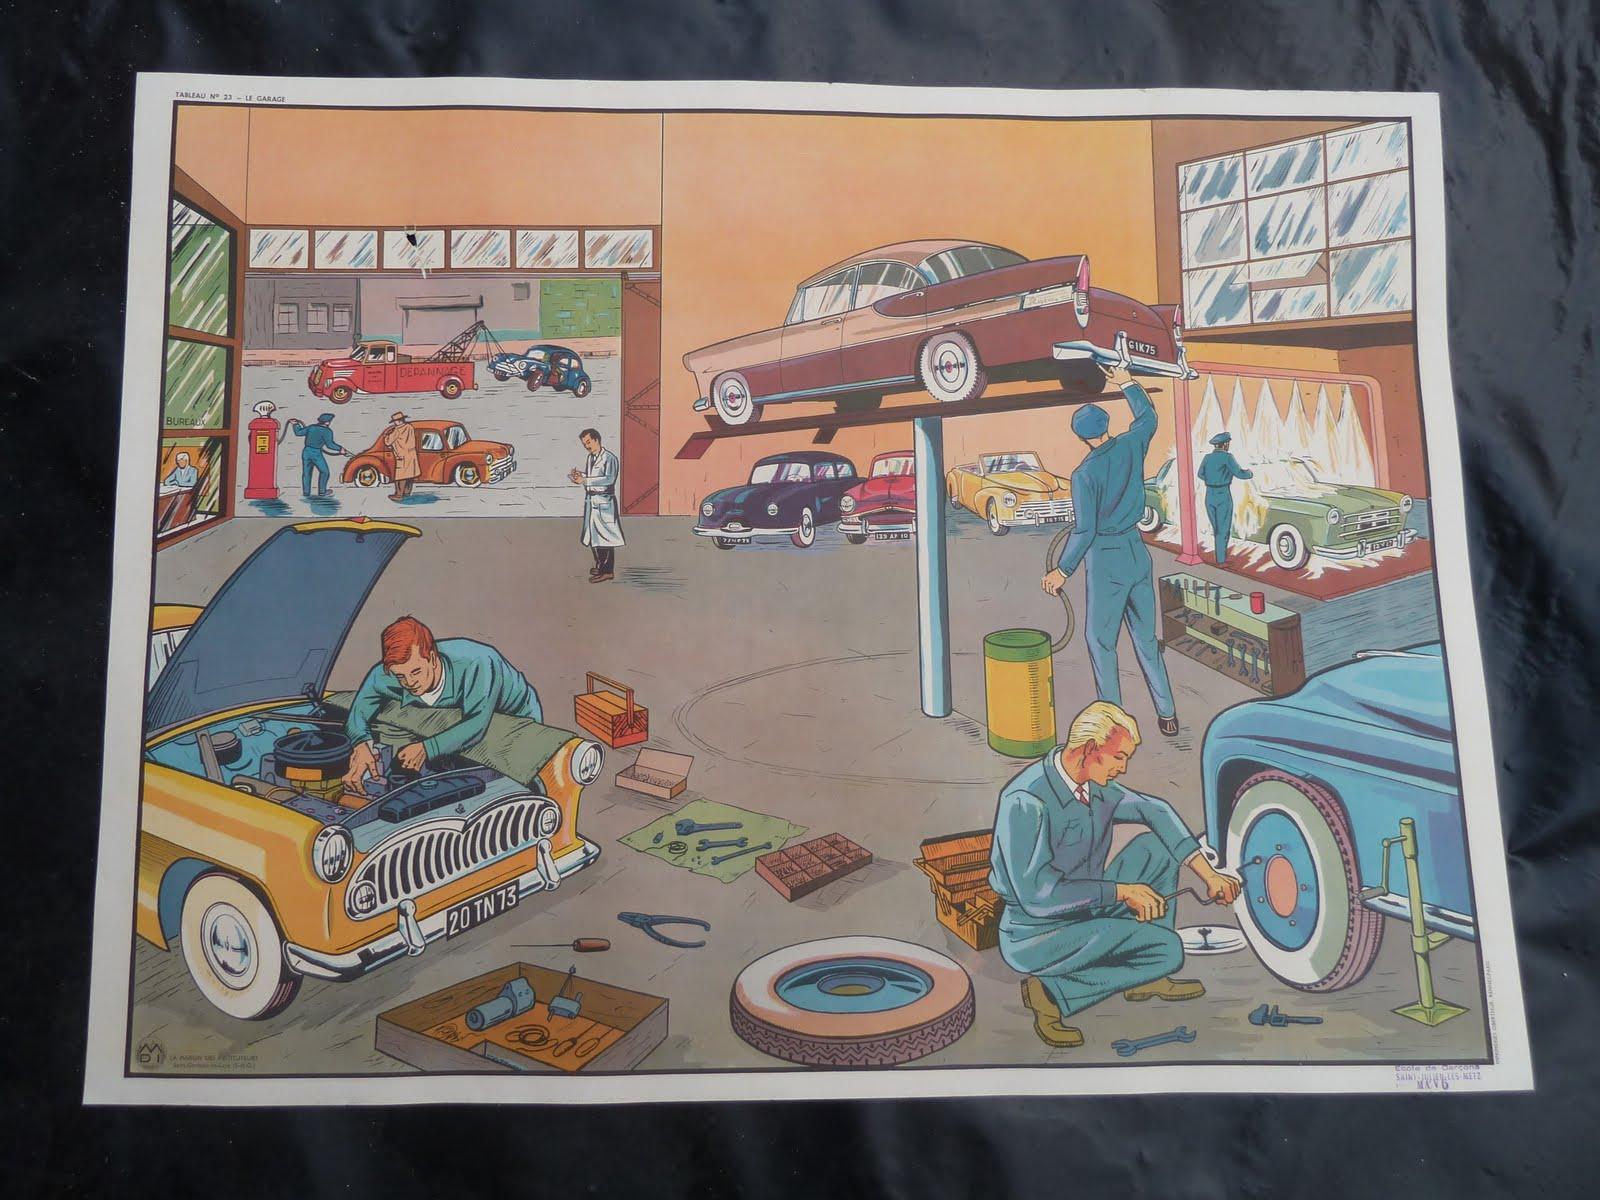 ecole fmr 1000 affiches scolaires affiche scolaire mdi 1960 garage construction de route. Black Bedroom Furniture Sets. Home Design Ideas